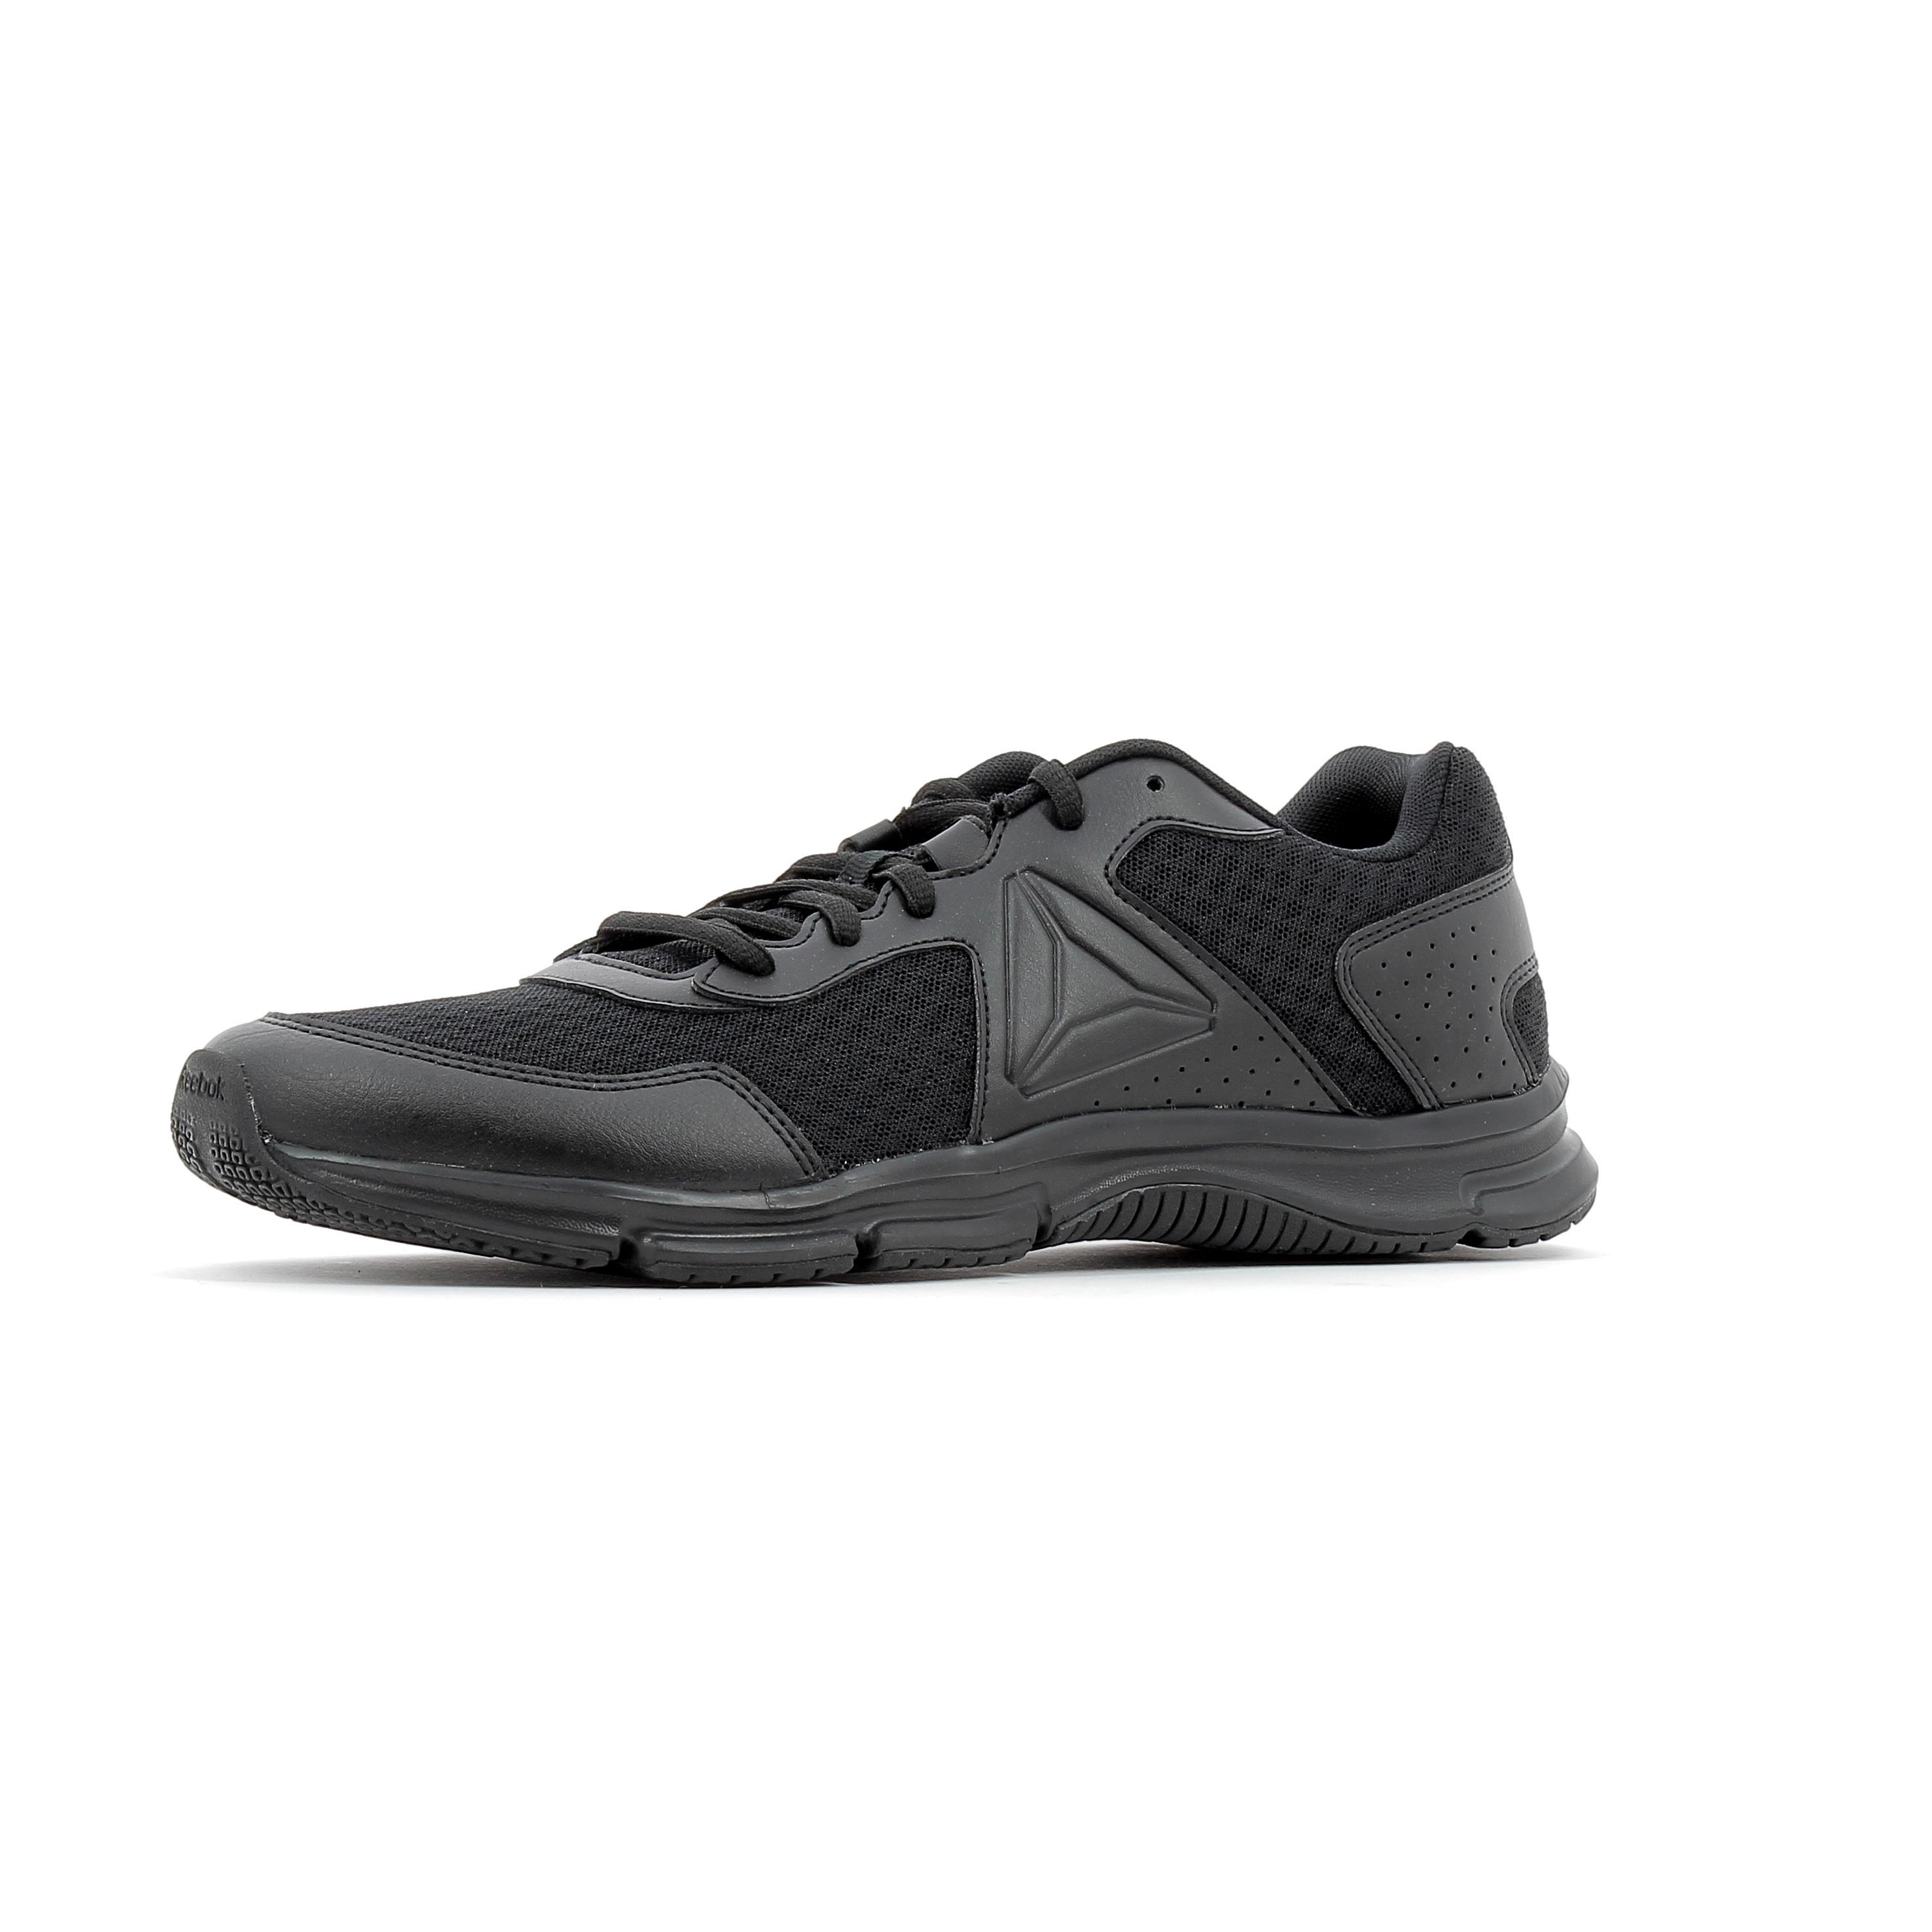 Running De Runner Noir Chaussures Express Reebok xBeodC